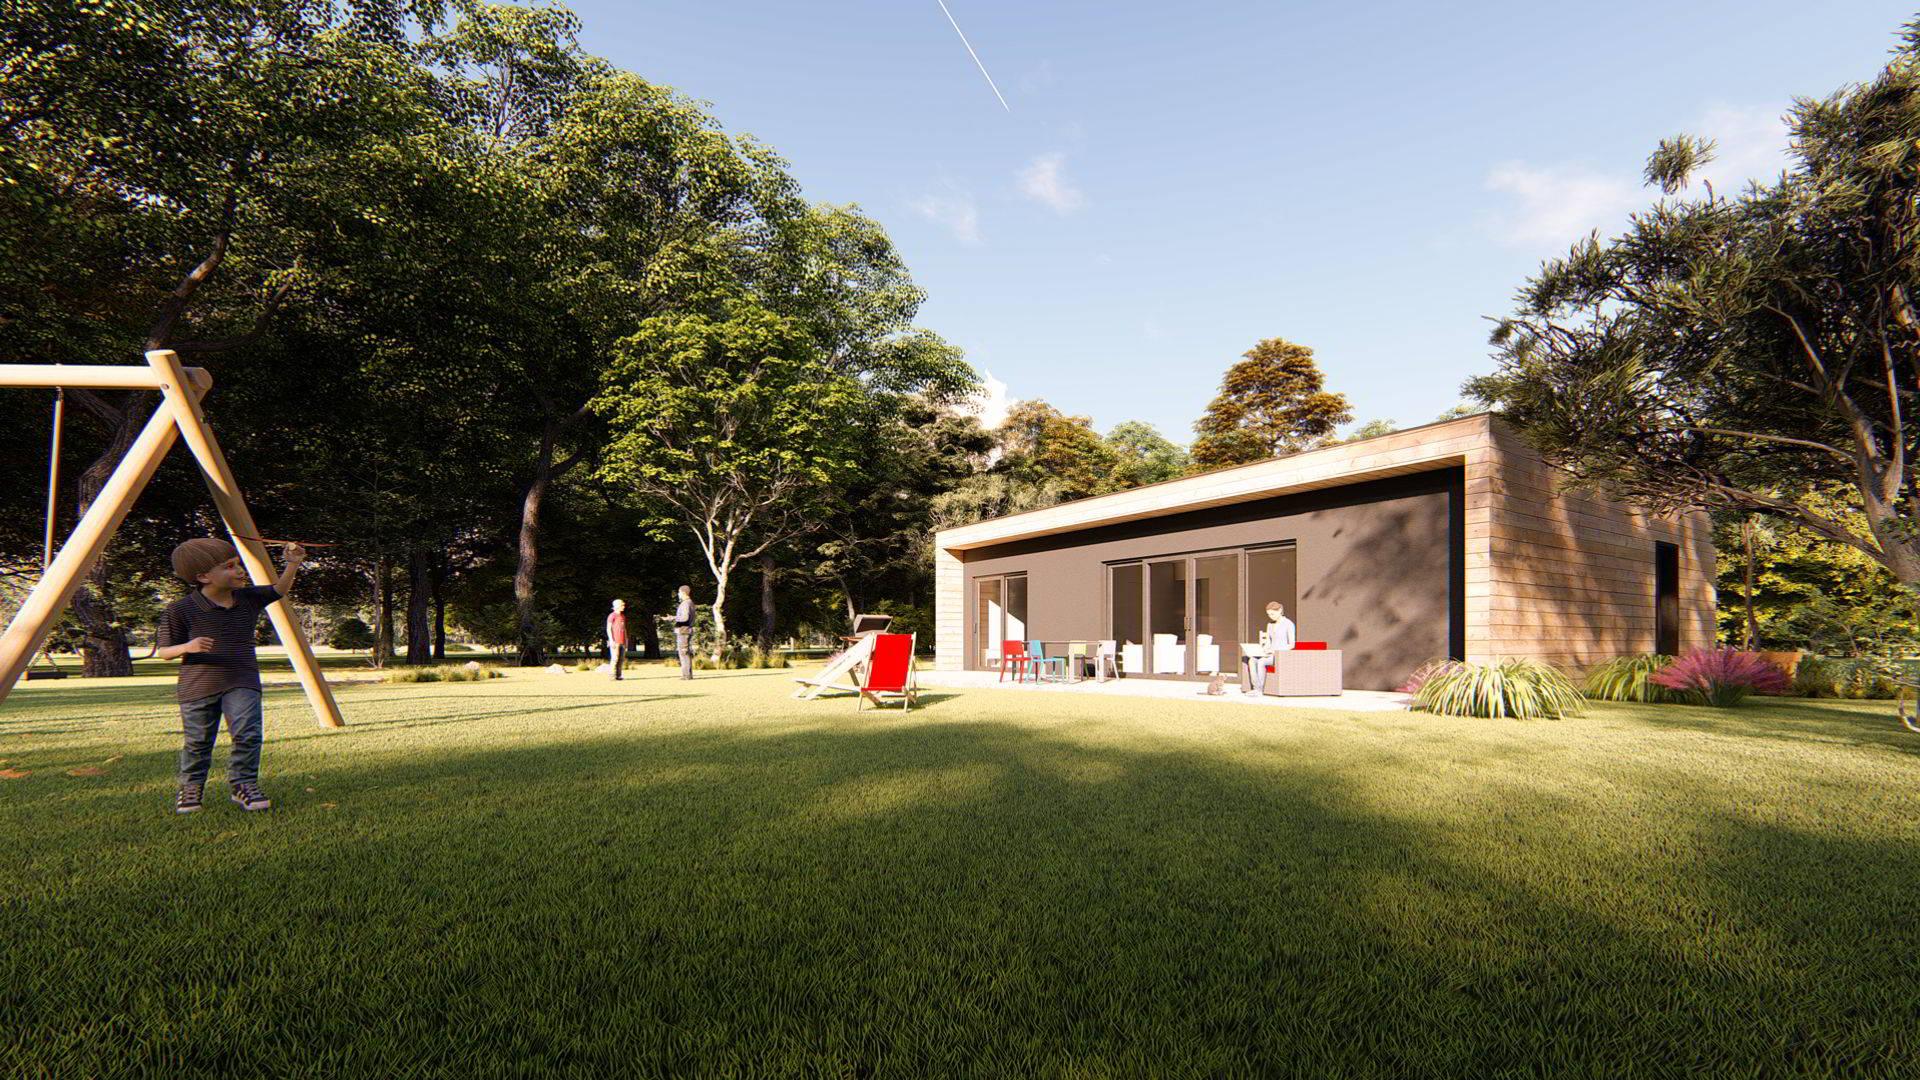 Woodyloft : studios de jardin et bureaux de jardin en bois - Nantes ...